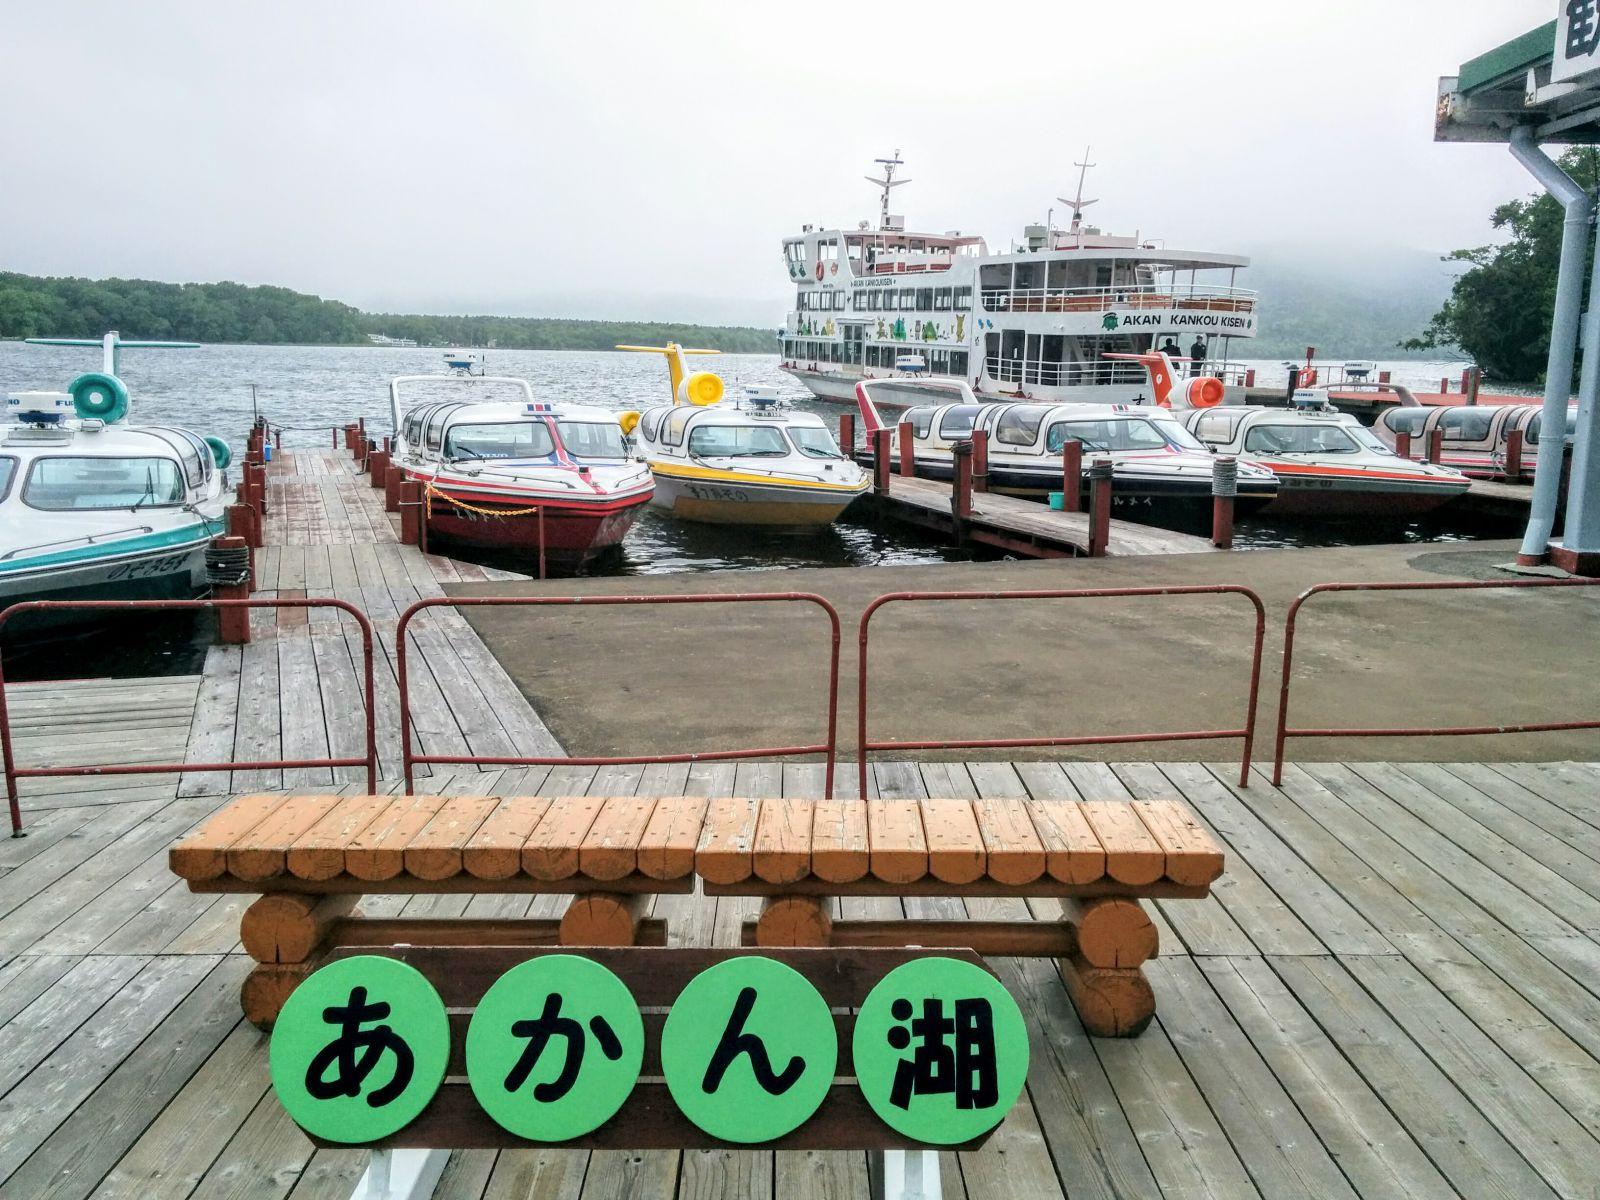 【阿寒湖観光貸切タクシー・ジャンボタクシー】阿寒湖観光案内です。